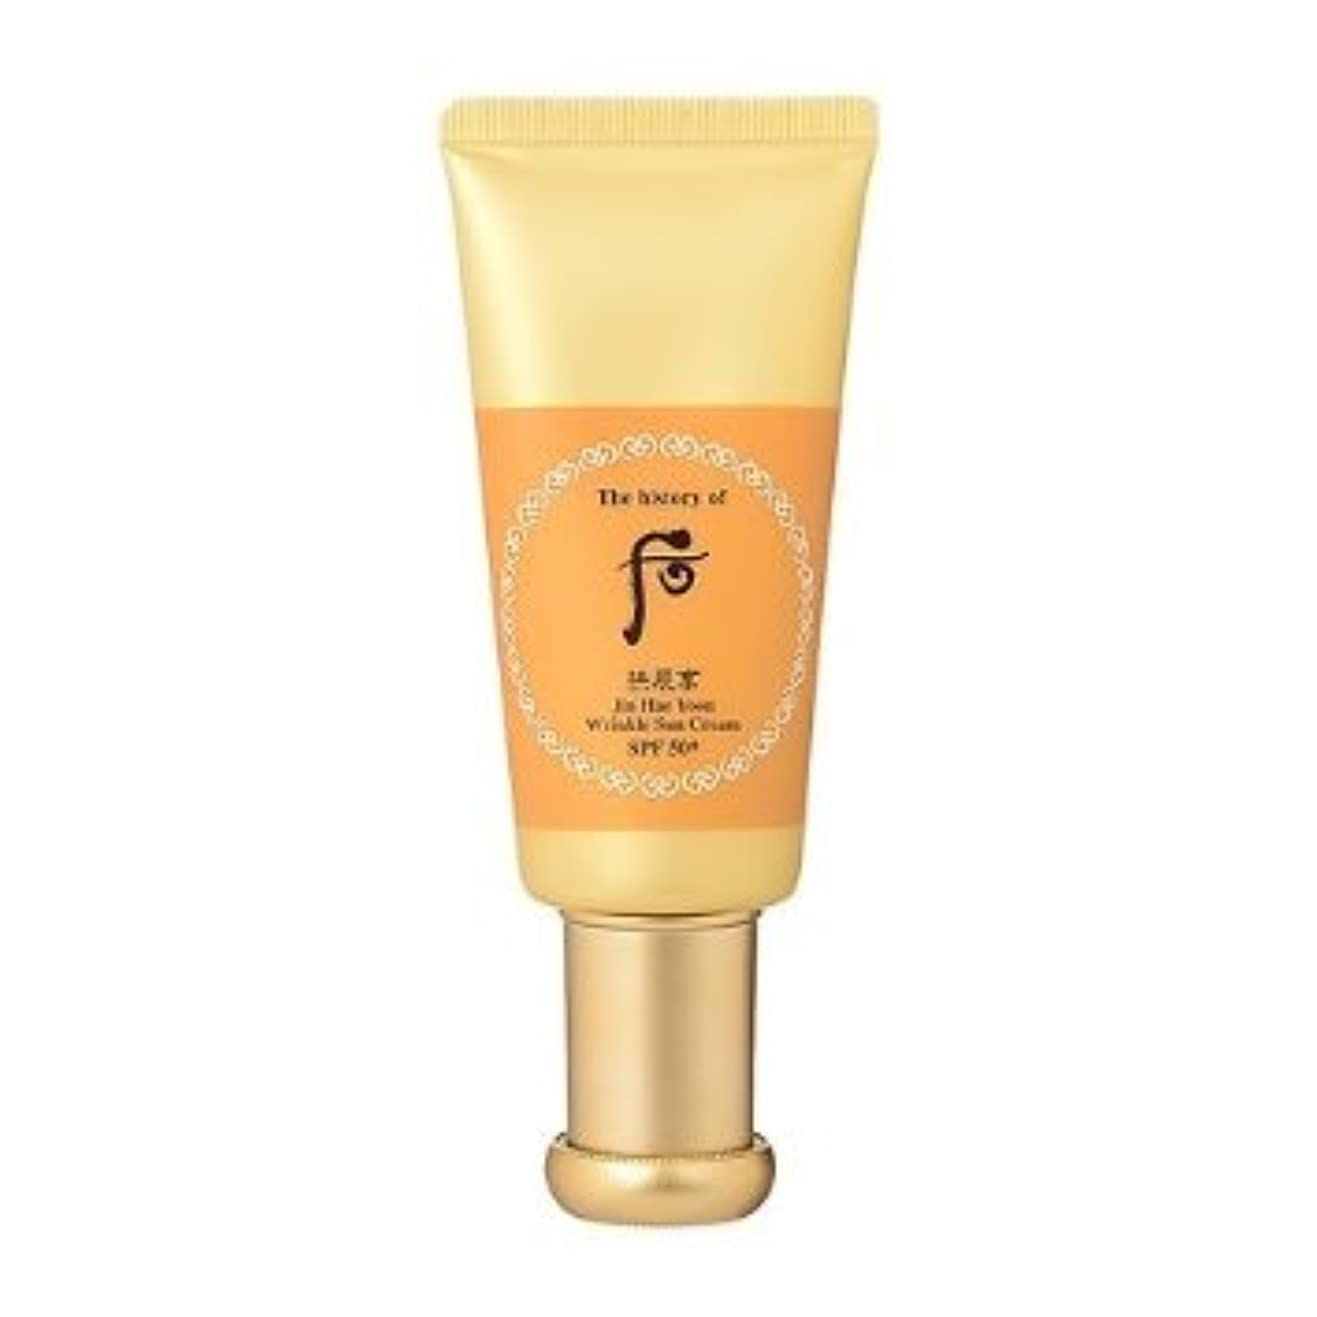 著者光沢のある豊富なThe History of Whoo Gongjinhyang Jin Hae Yoon Wrinkle Sun Cream(spf5-+ Pa+++) 50ml(SPF50+, PA+++) 15g x 2ea[行輸入品]